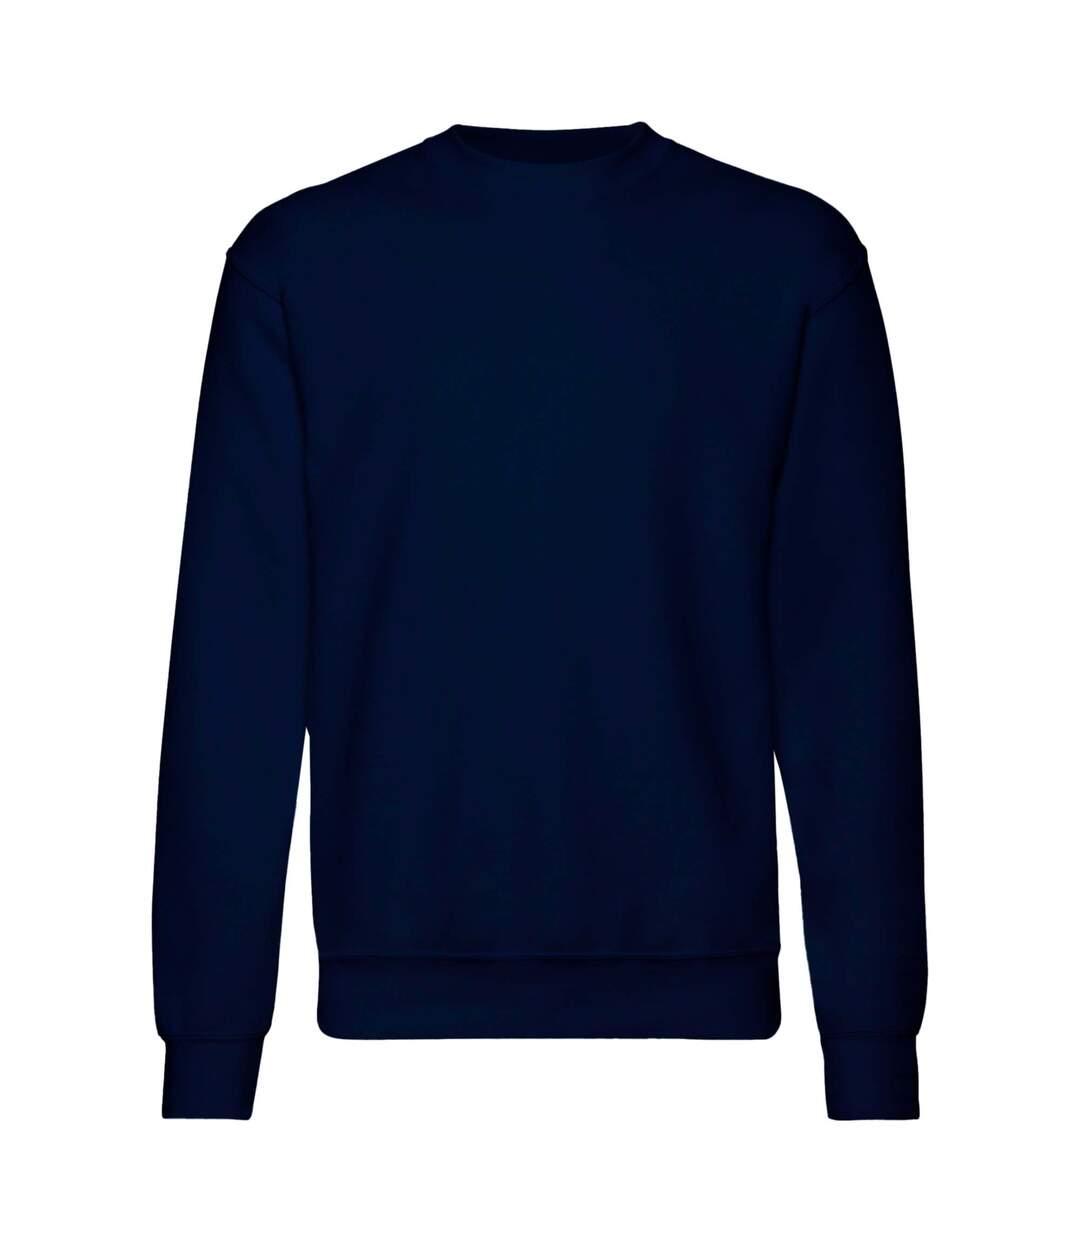 Fruit Of The Loom Mens Set-In Belcoro® Yarn Sweatshirt (Deep Navy) - UTBC365